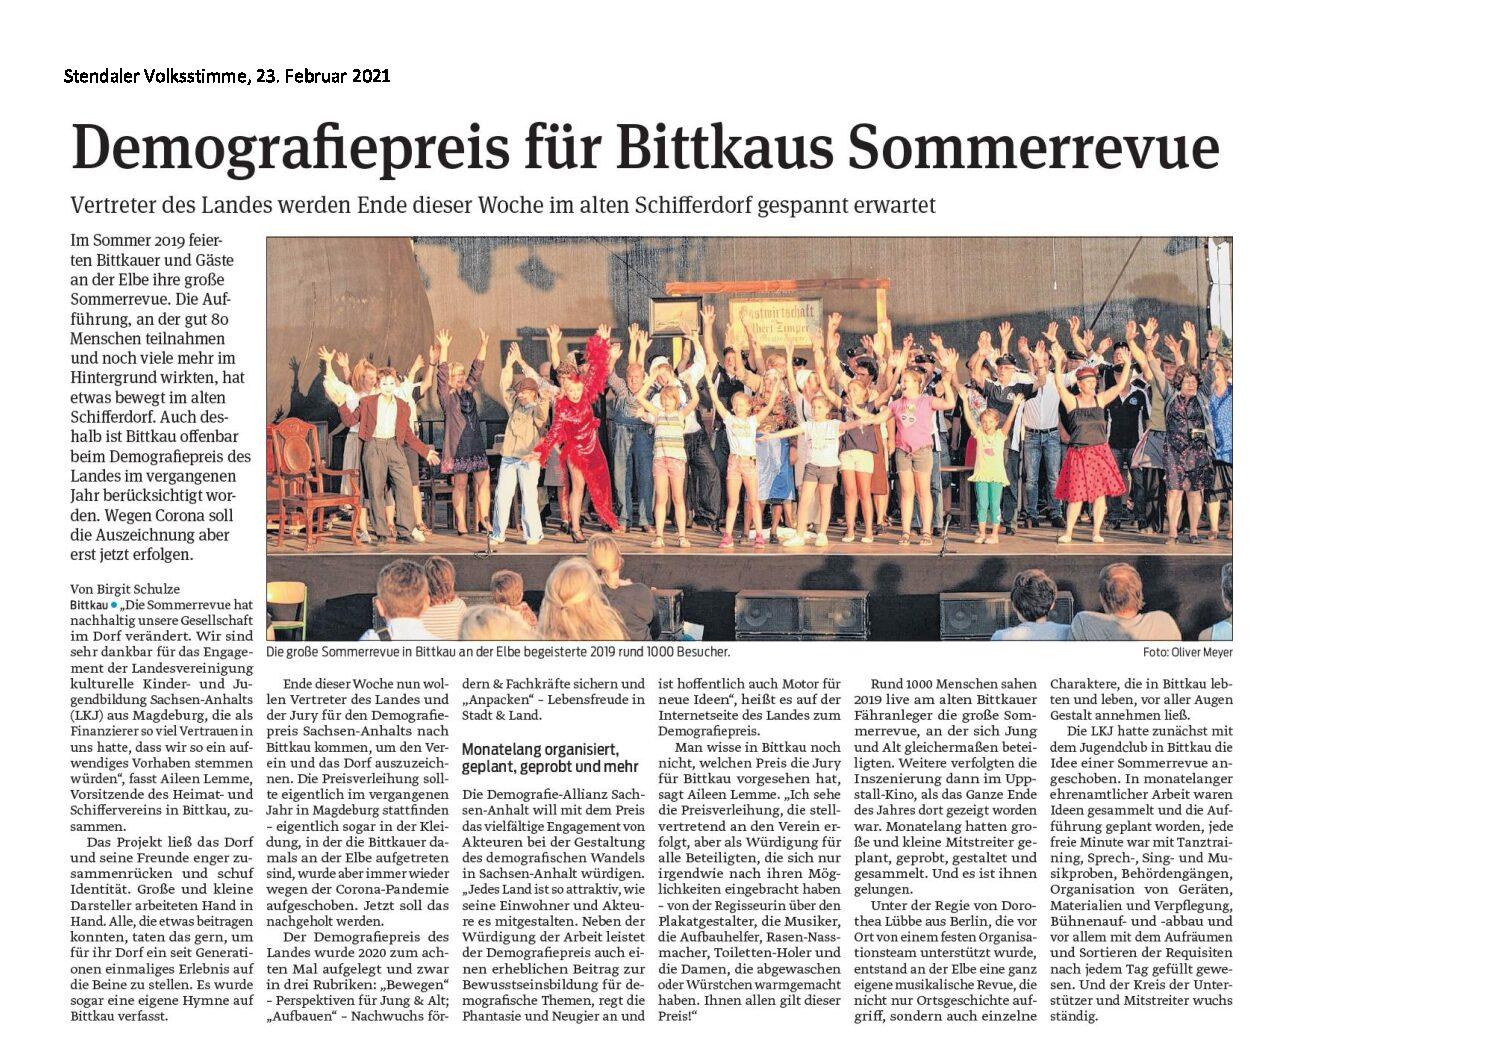 Demografiepreis des Landes Sachsen-Anhalt für Bittkauer Theater-Revue »Elbkilometer 372!«